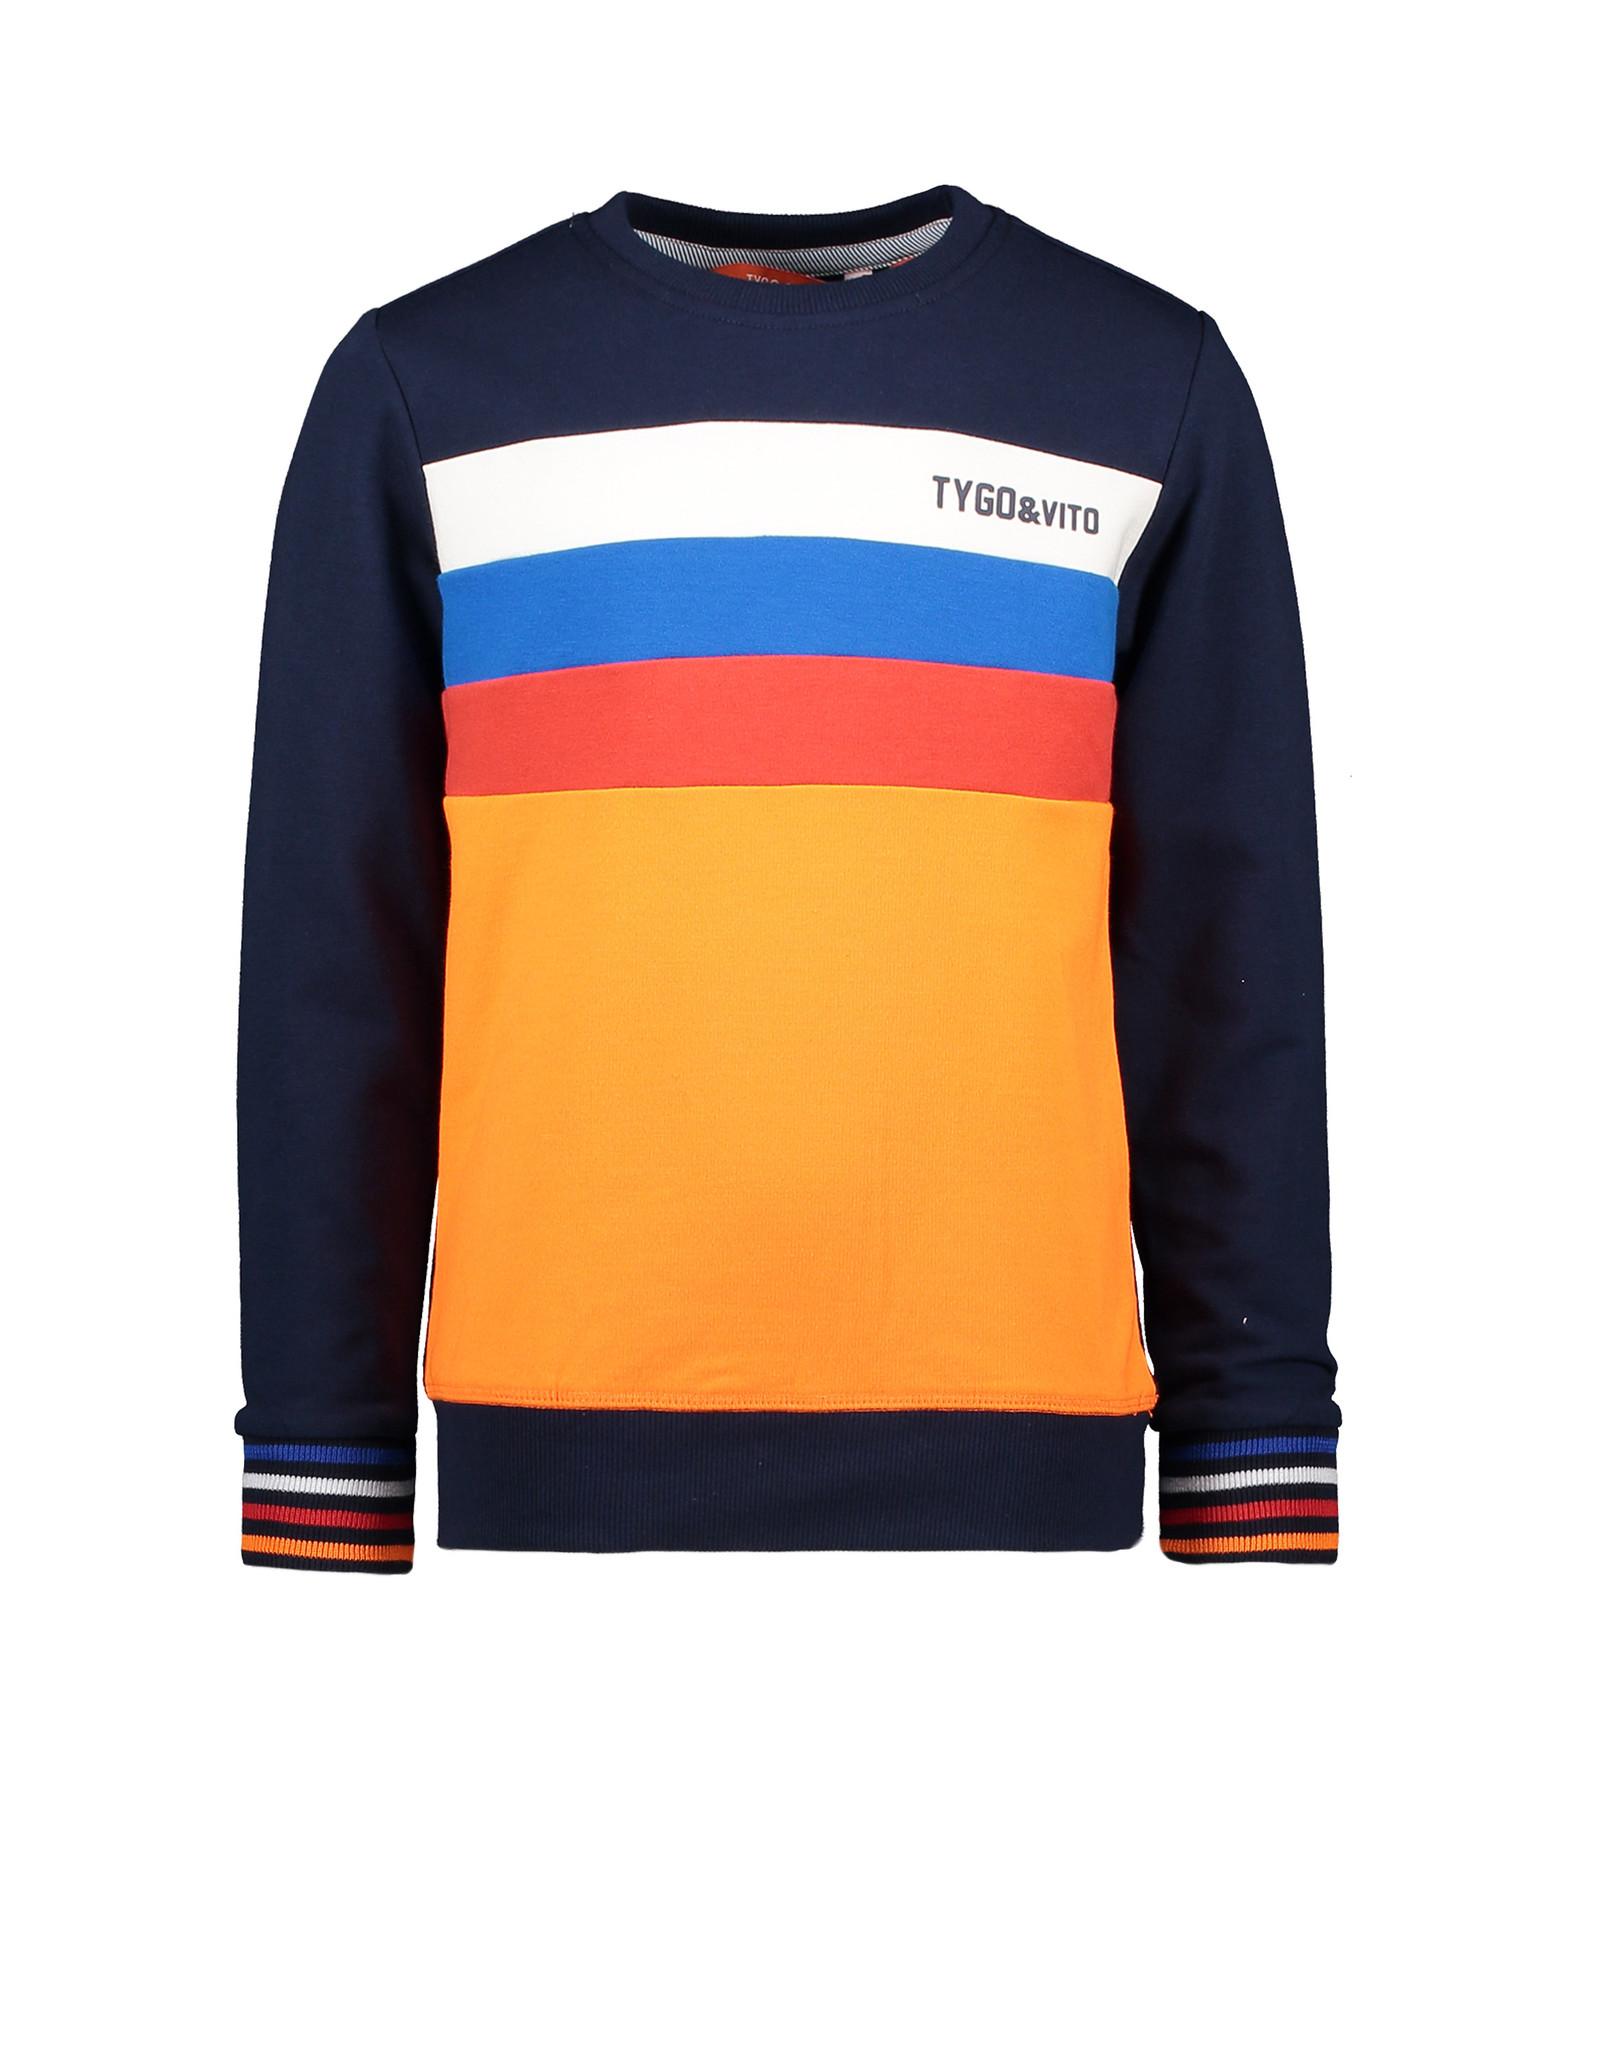 Tygo & Vito Sweater colourblock